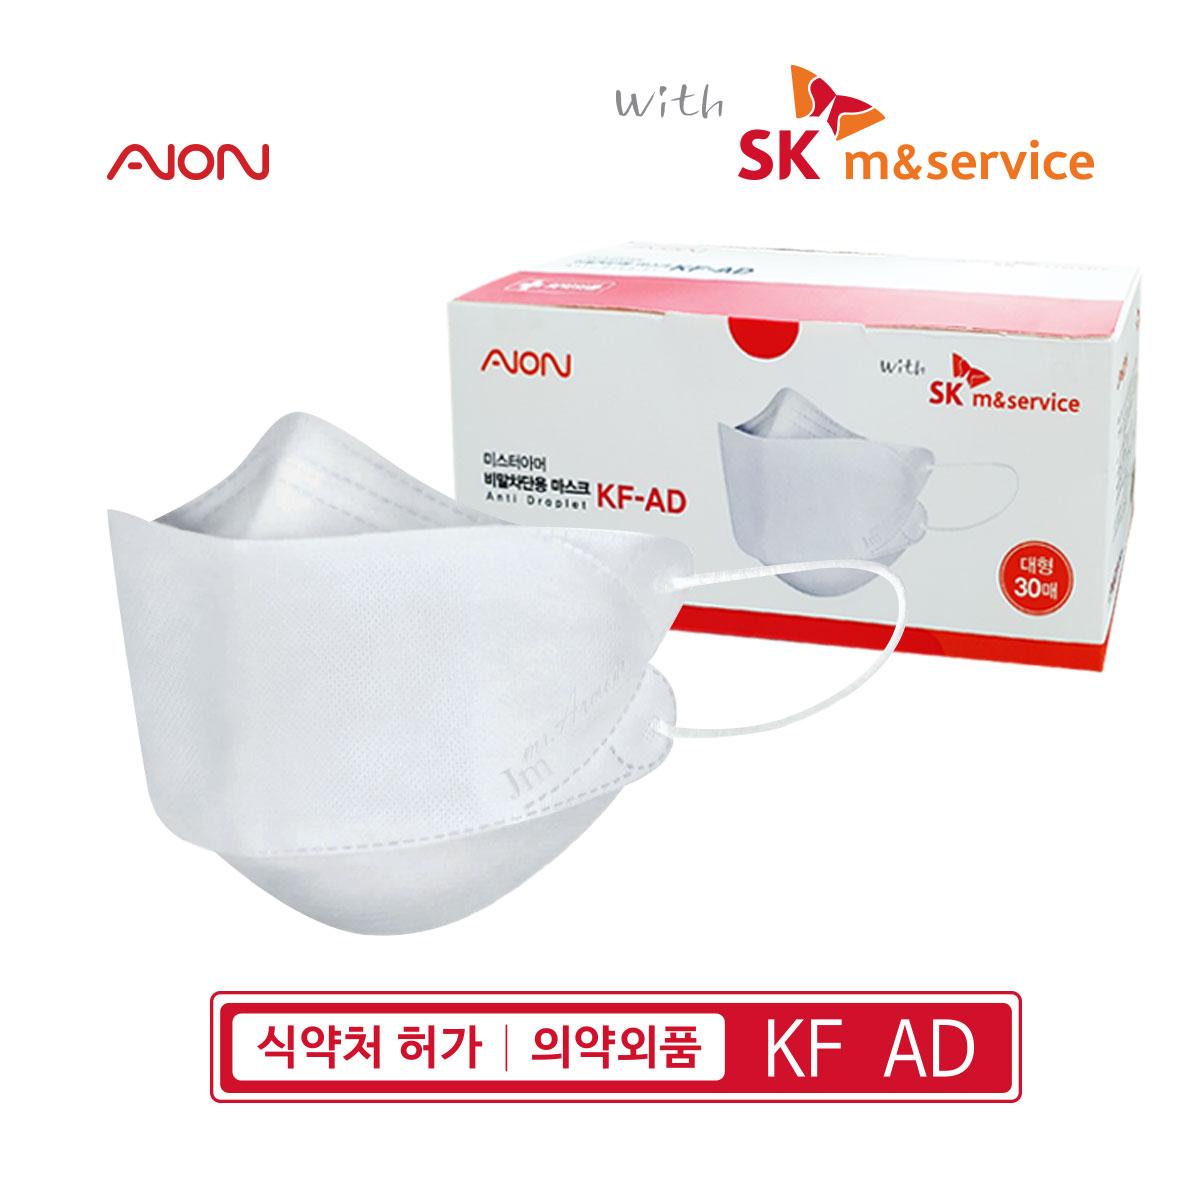 식약처허가 의약외품 KF-AD 비말차단 마스크 (1박스 30매), SK 미스터아머 1박스(30매)